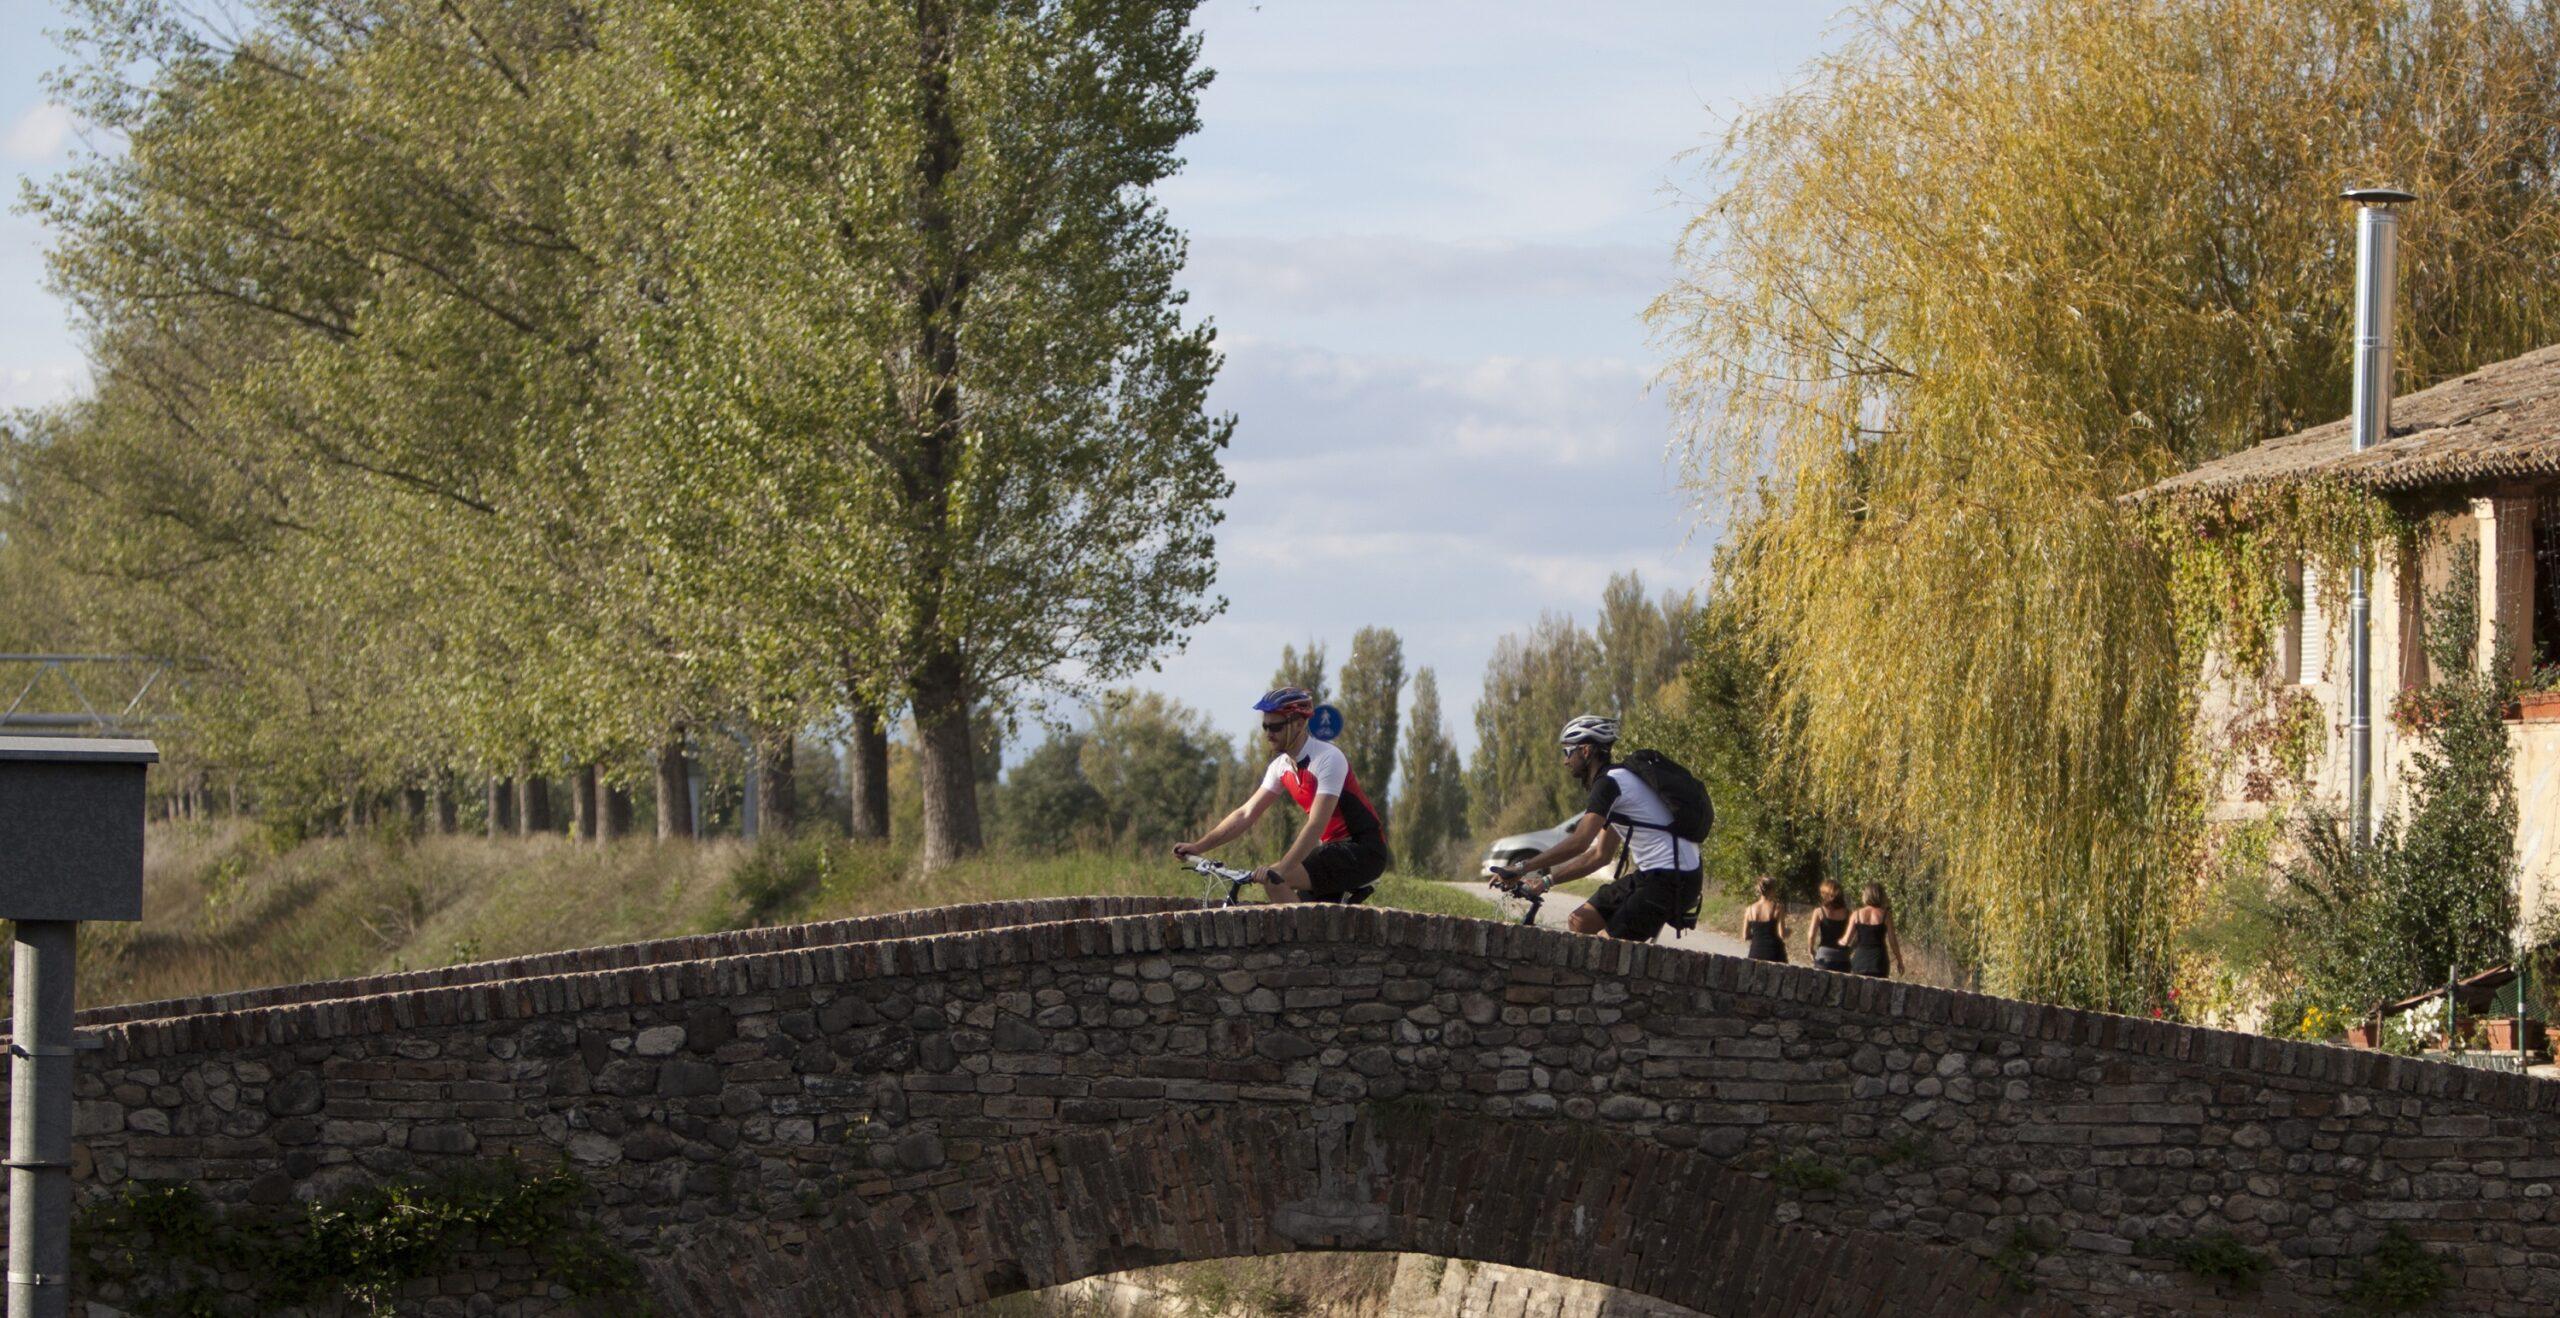 Ponte di pietra con ciclisti lungo la ciclovia Assisi - Spoleto.